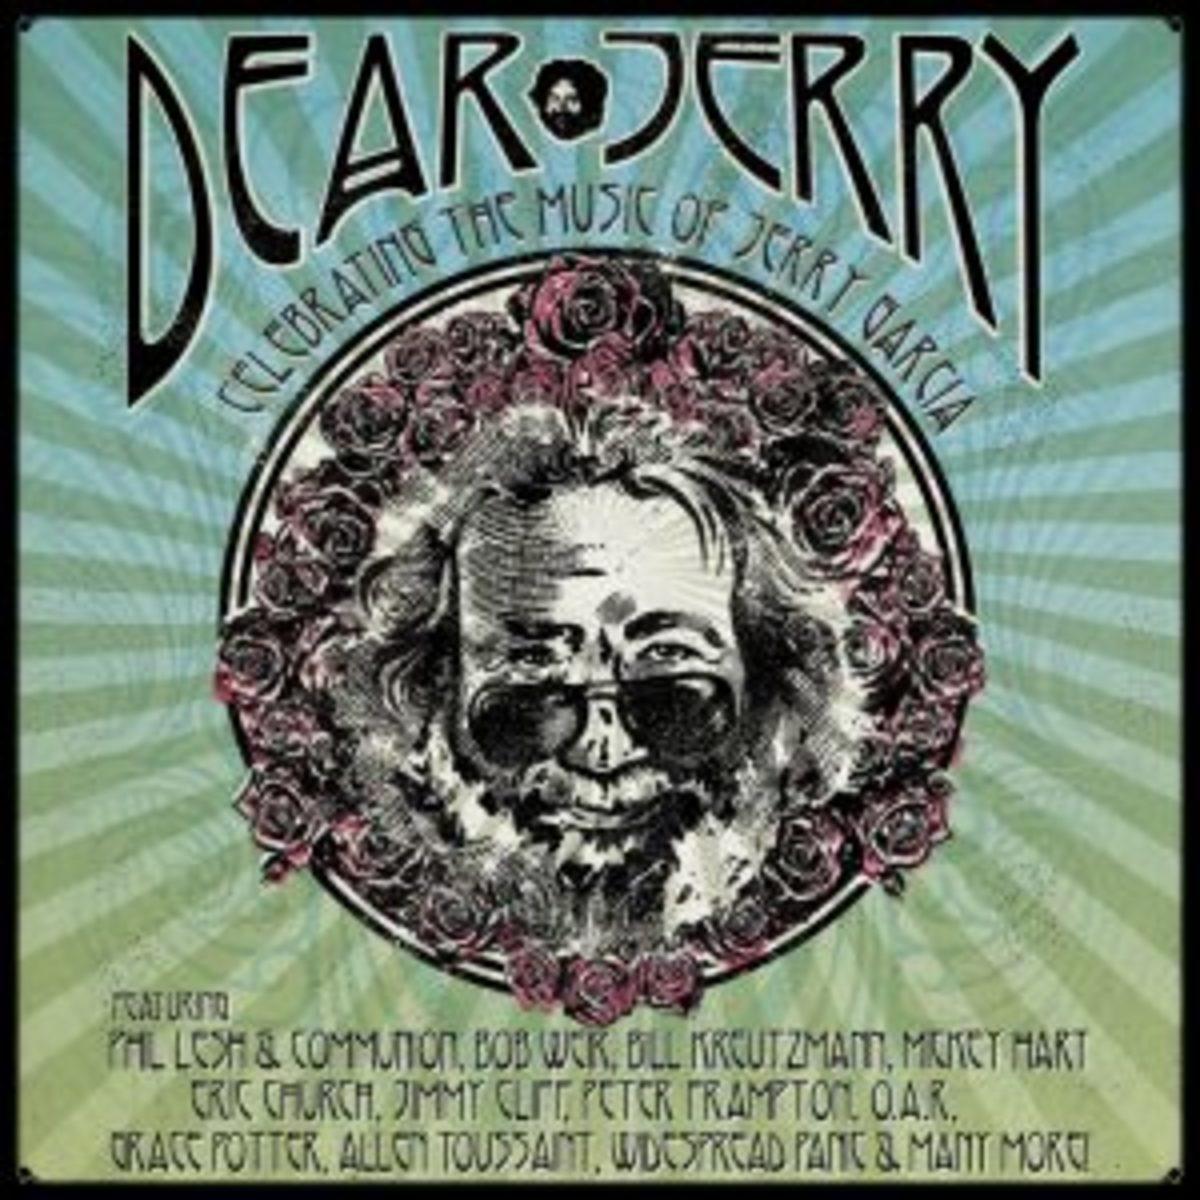 dear Jerry